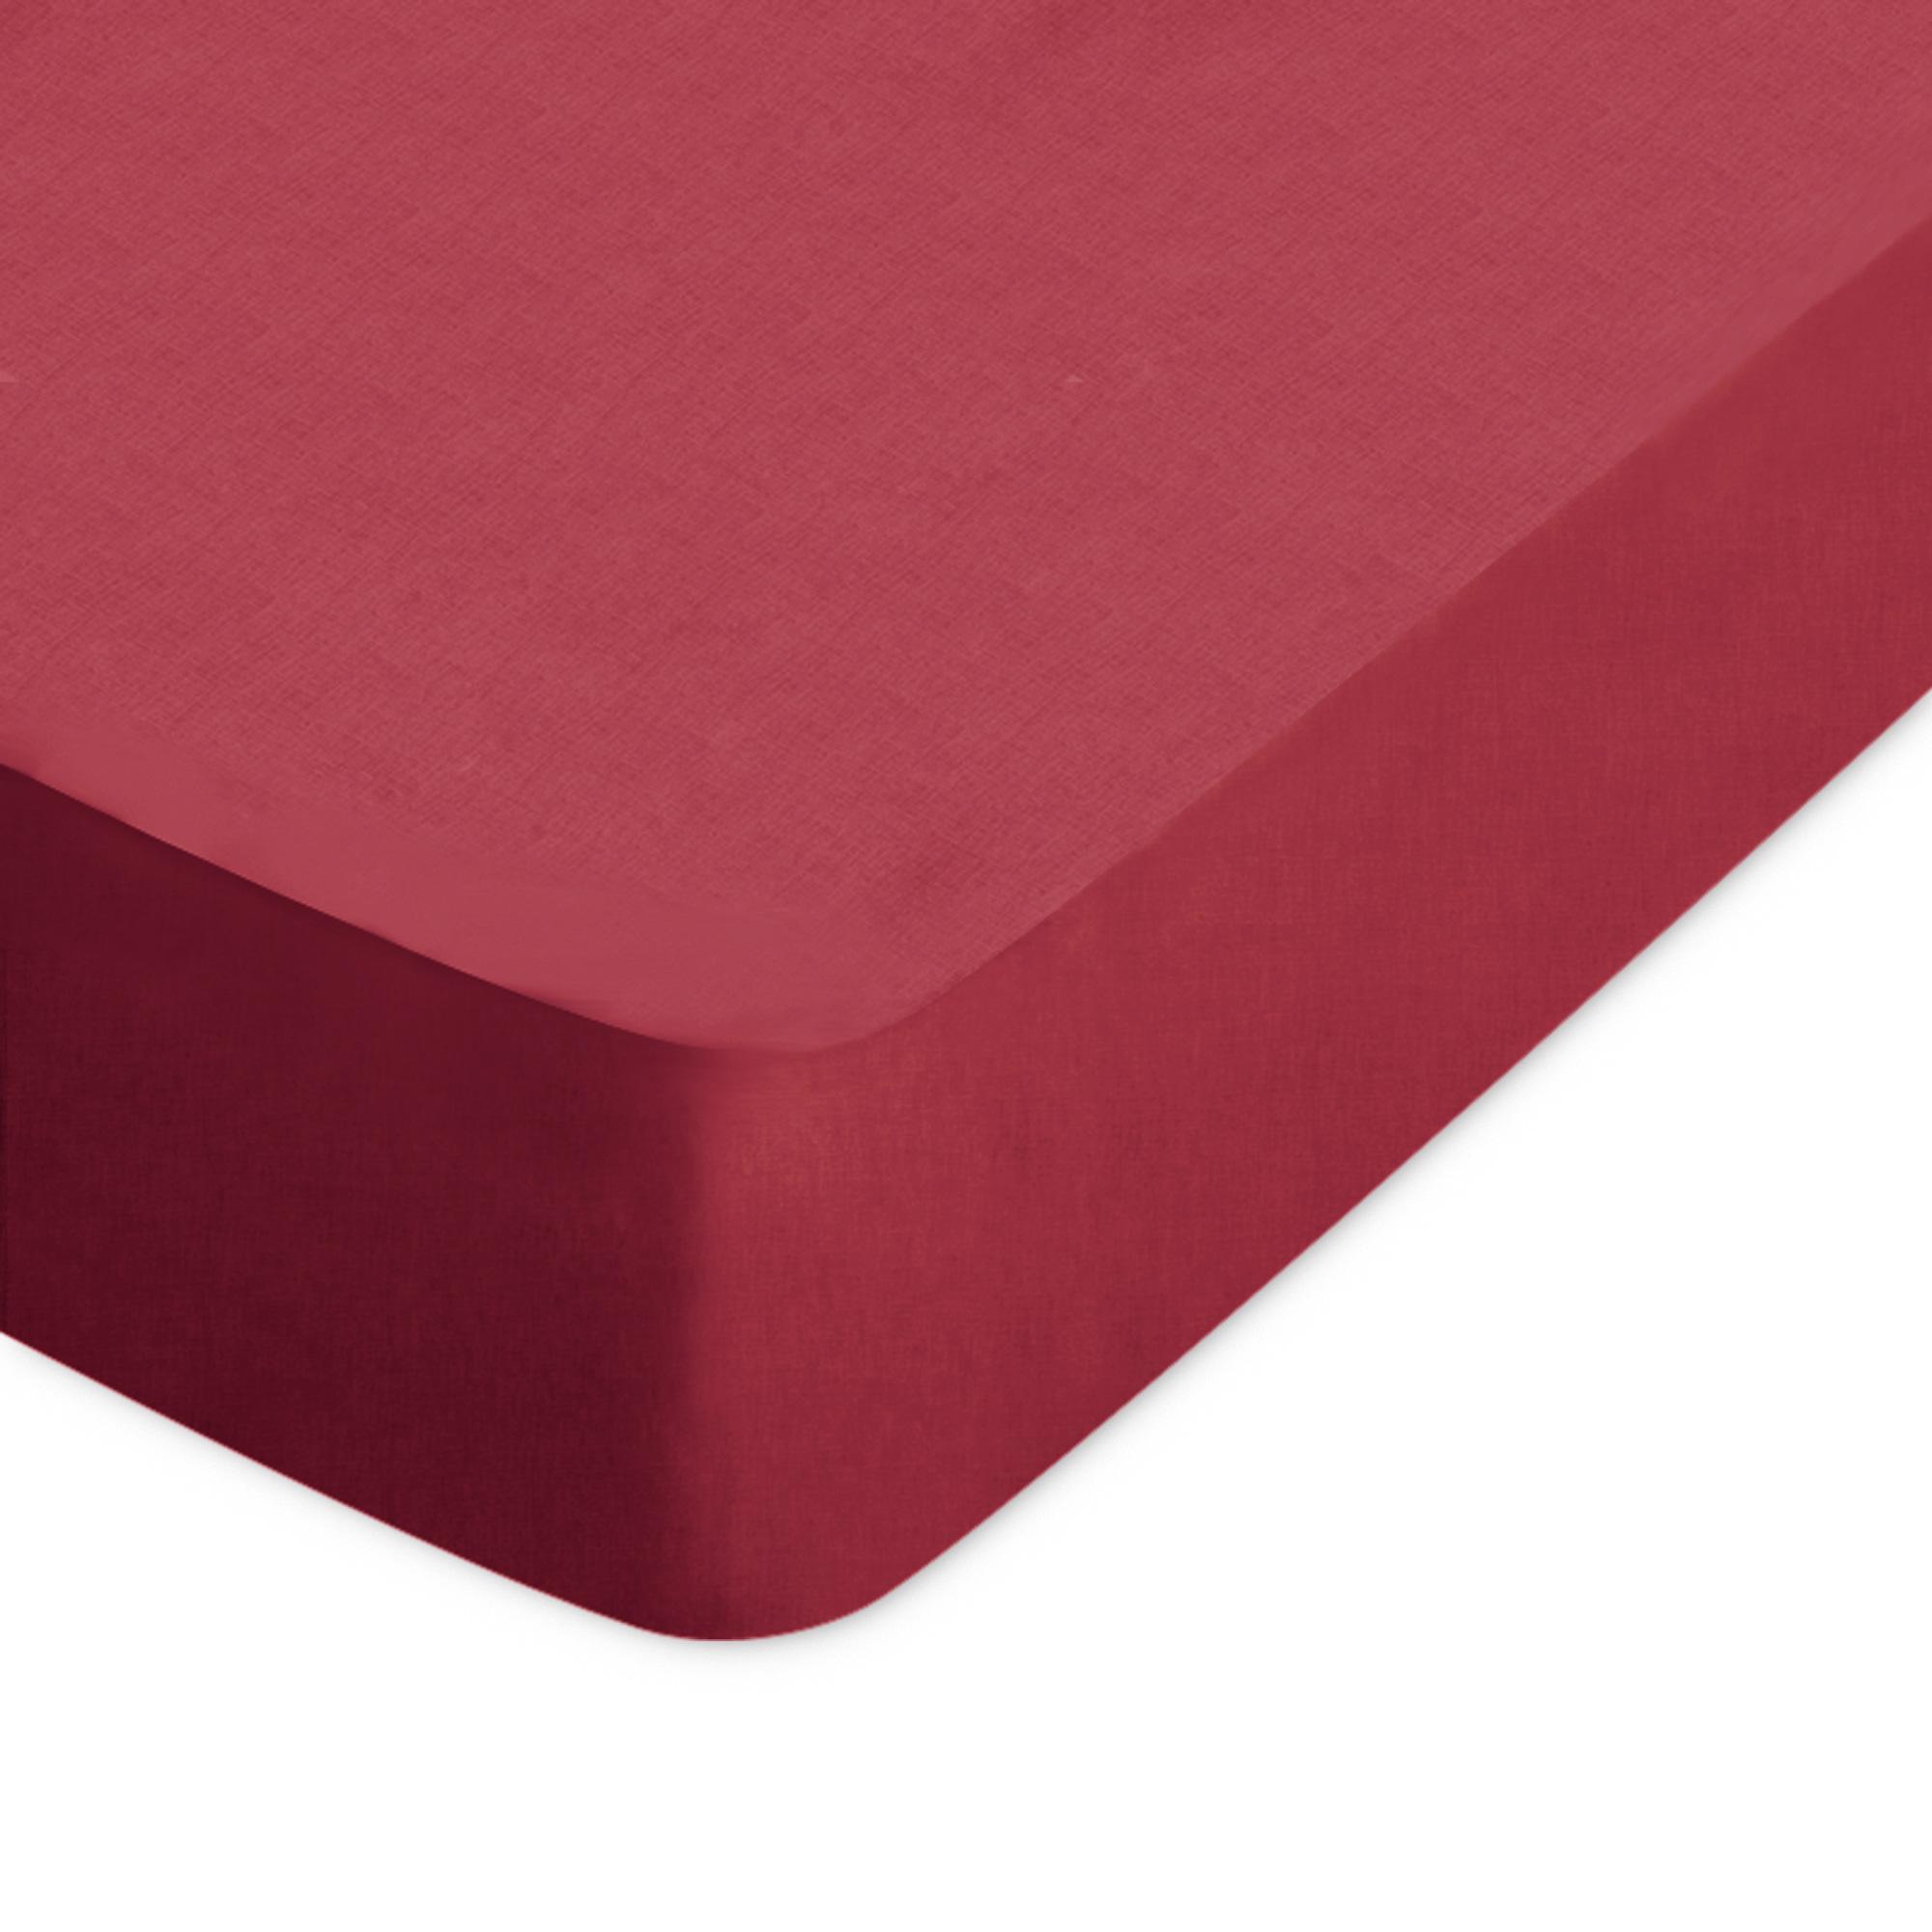 Drap housse 70x140cm uni pur coton ALTO rouge Garance | Linnea